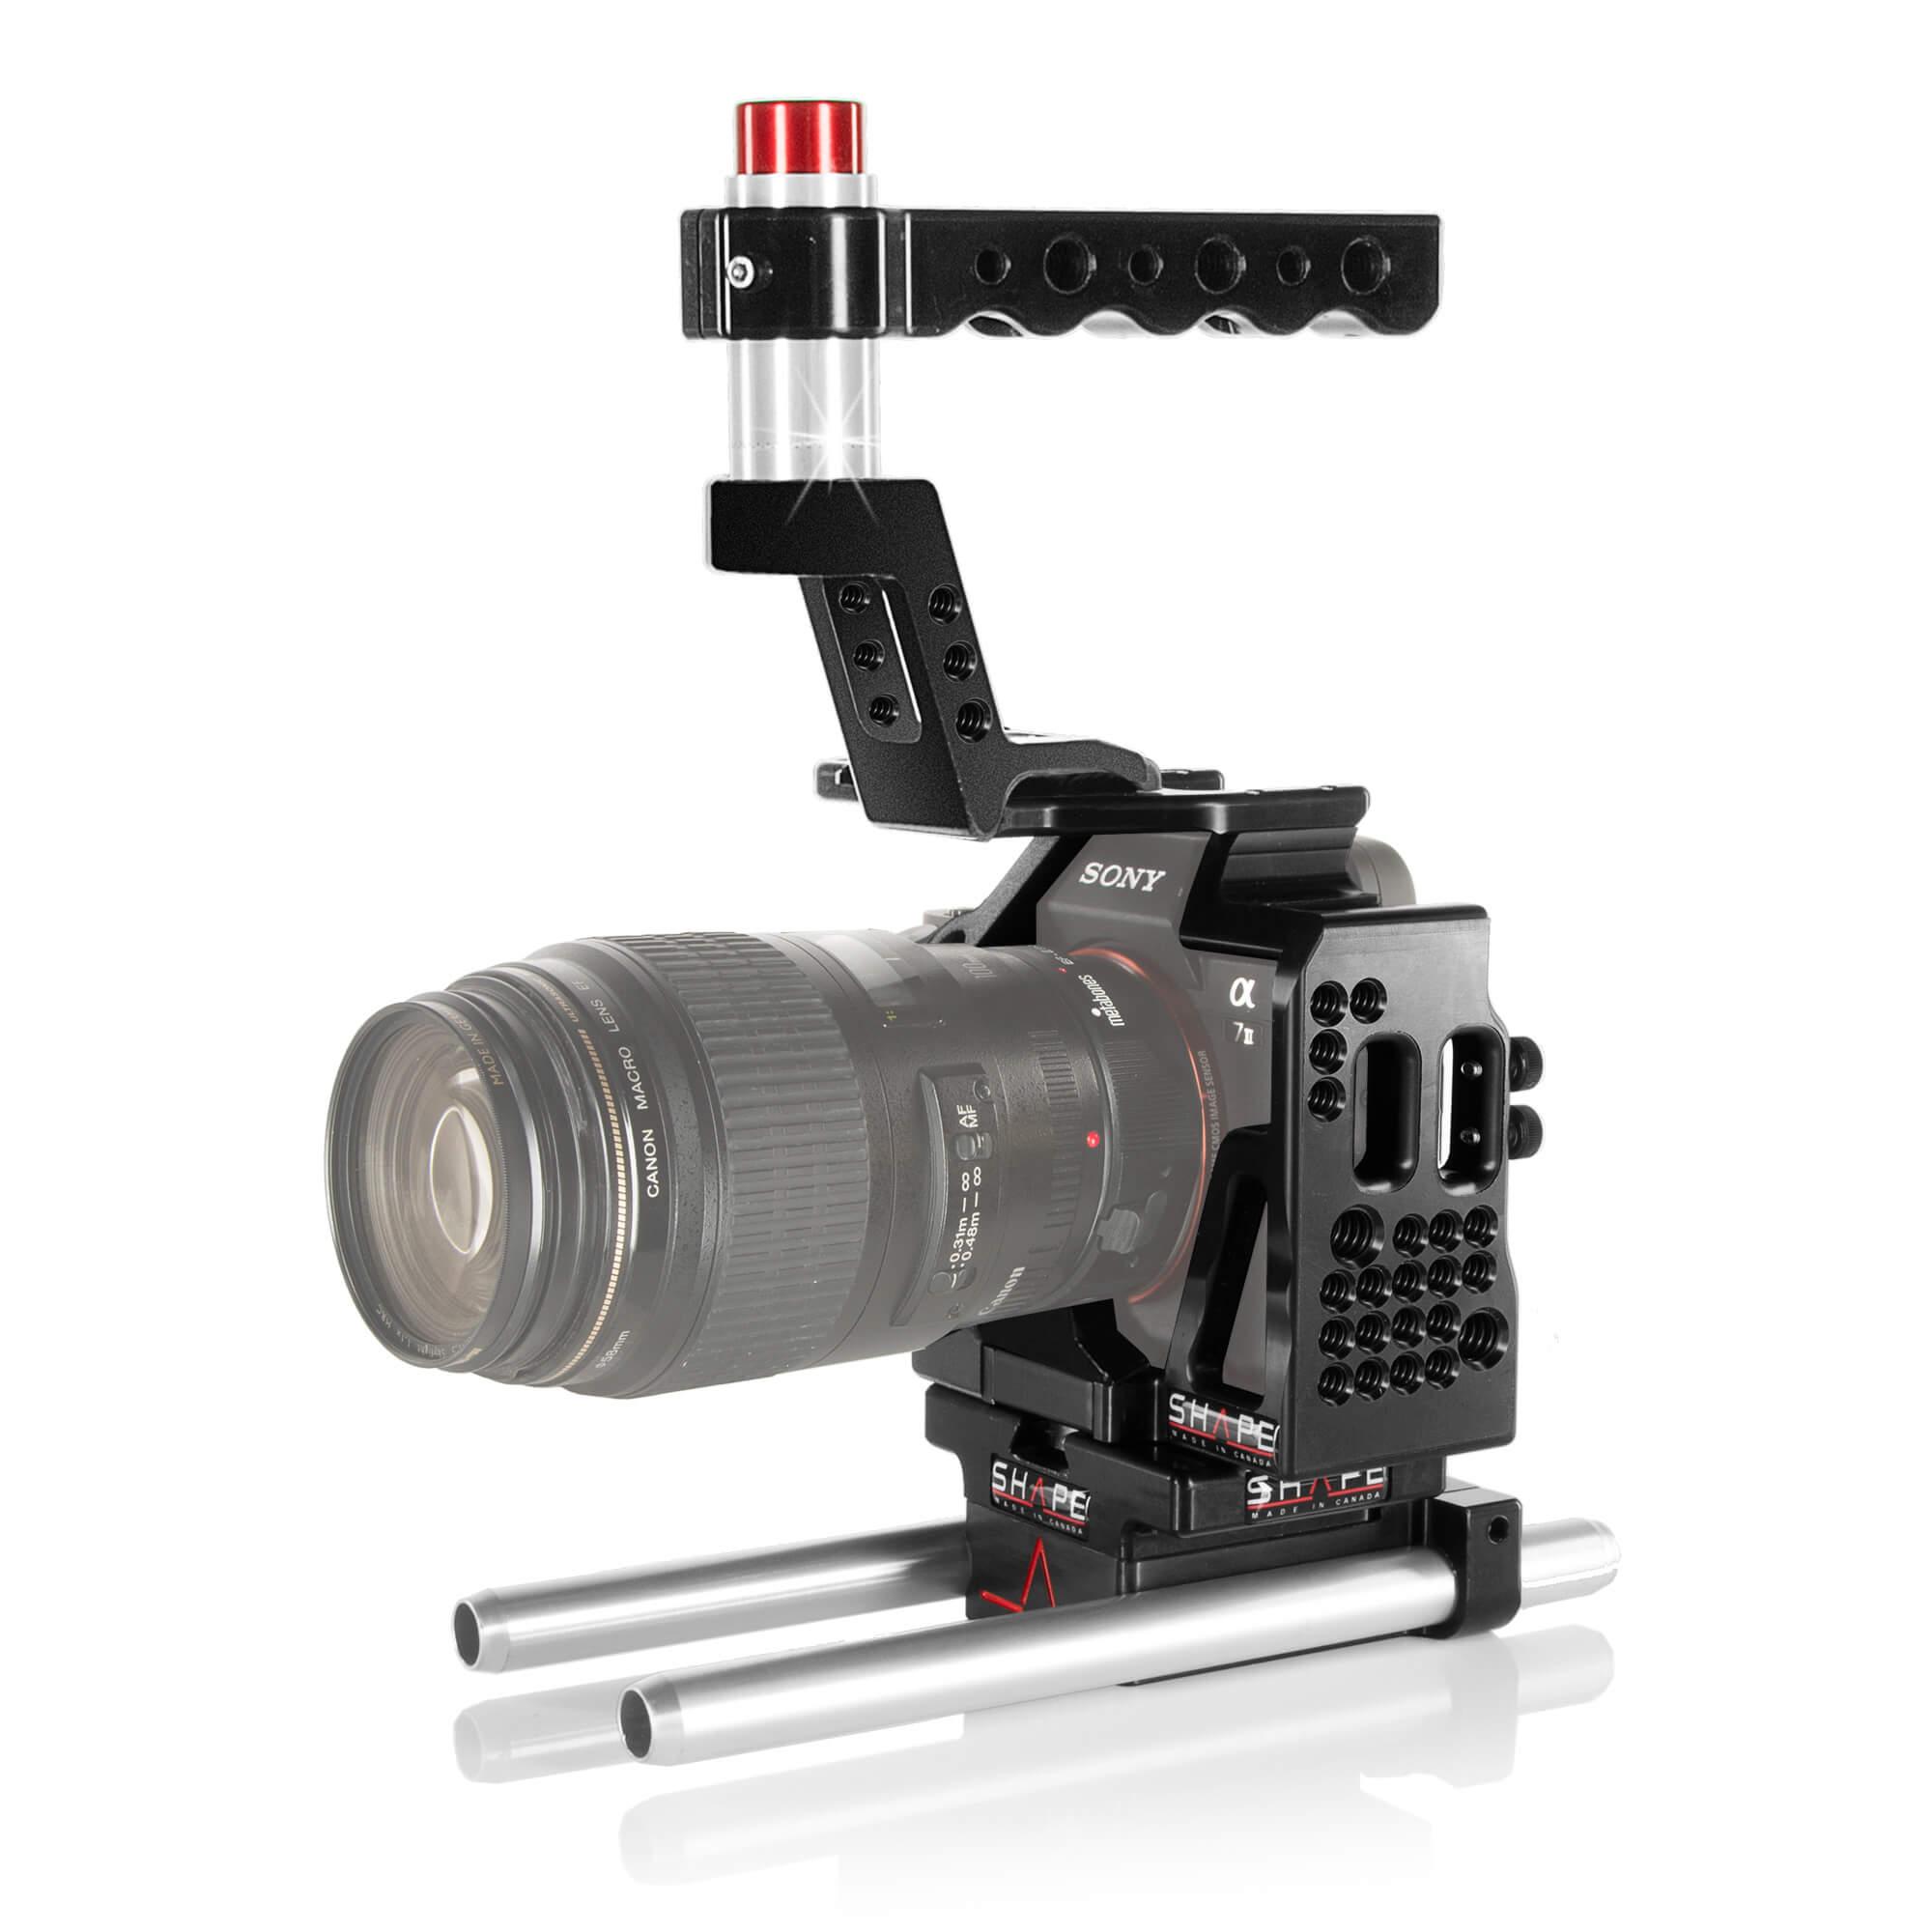 Sony A7S II - A7R II - A7 II 15 mm LW - SHAPE